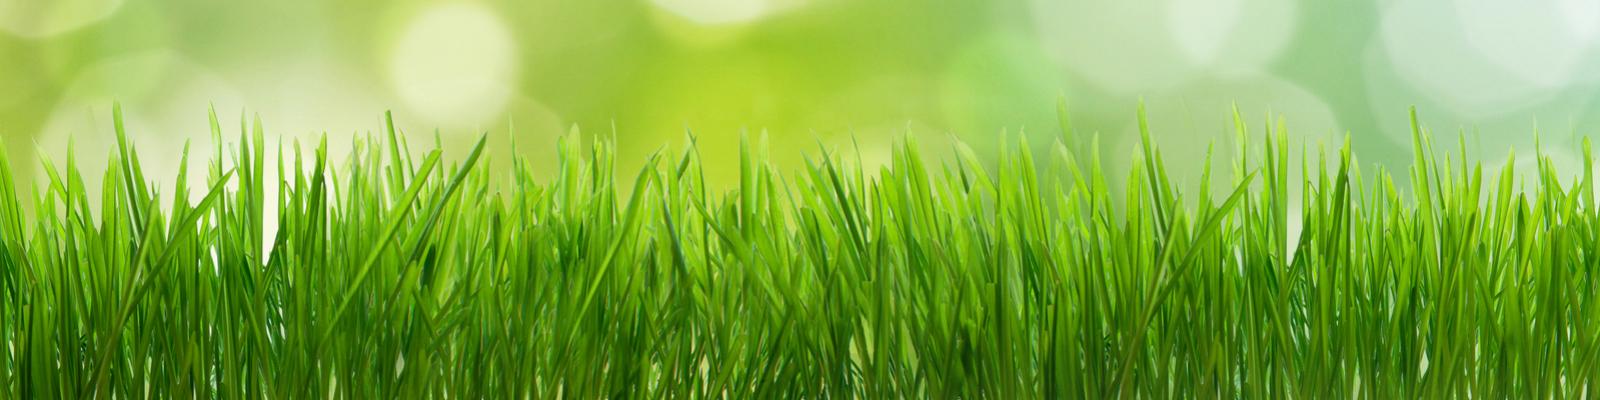 Green-IT EDV & IT-Dienstleistung